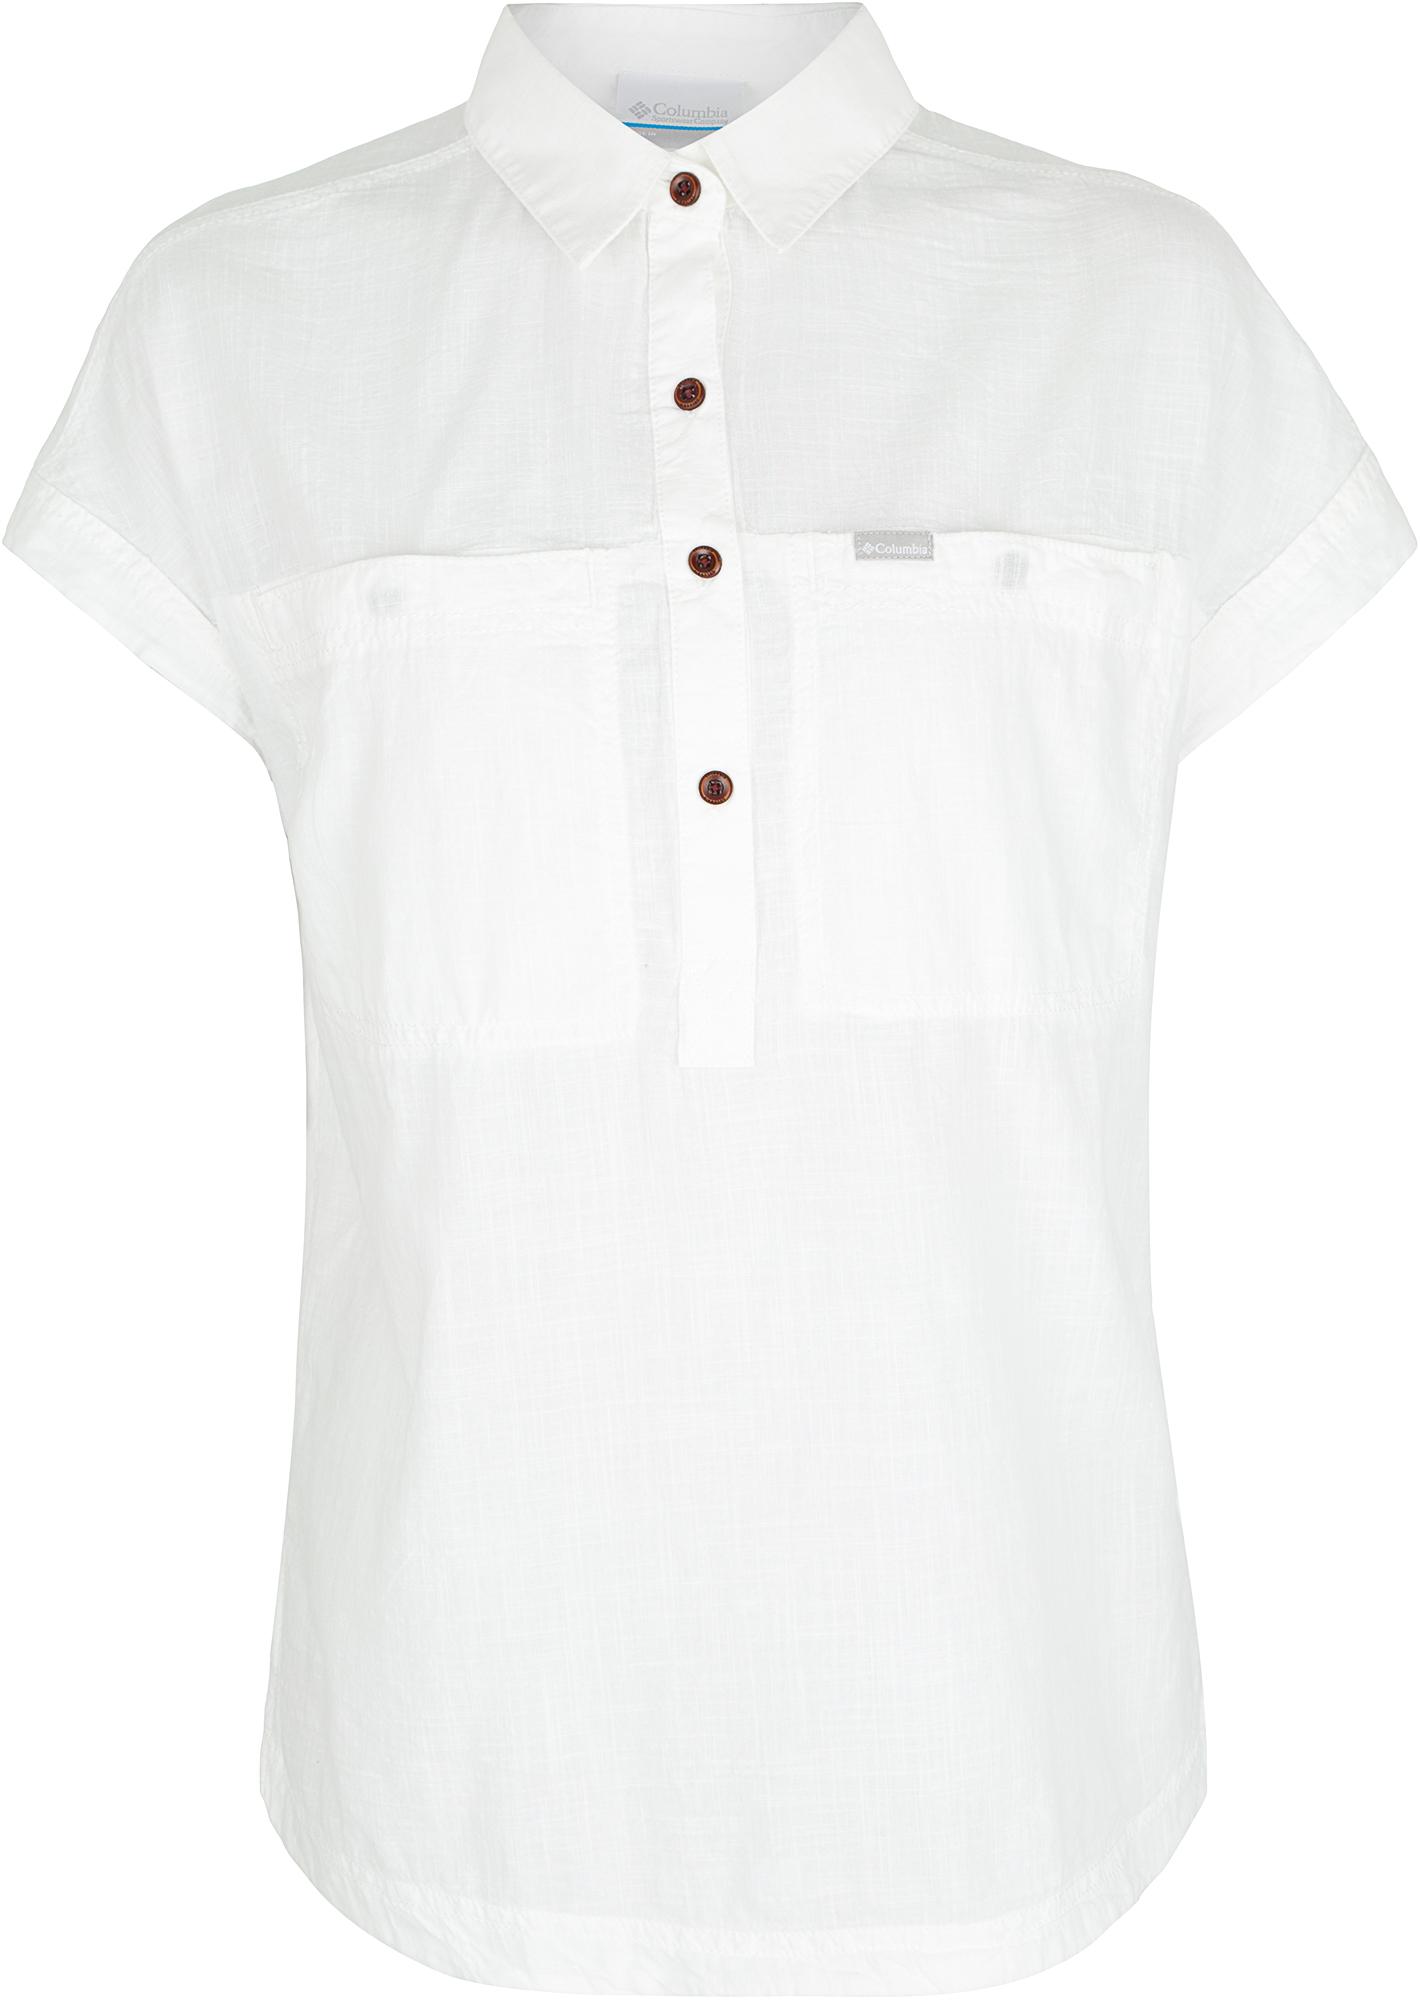 Columbia Рубашка женская Columbia Pinnacle Peak Popover, размер 48